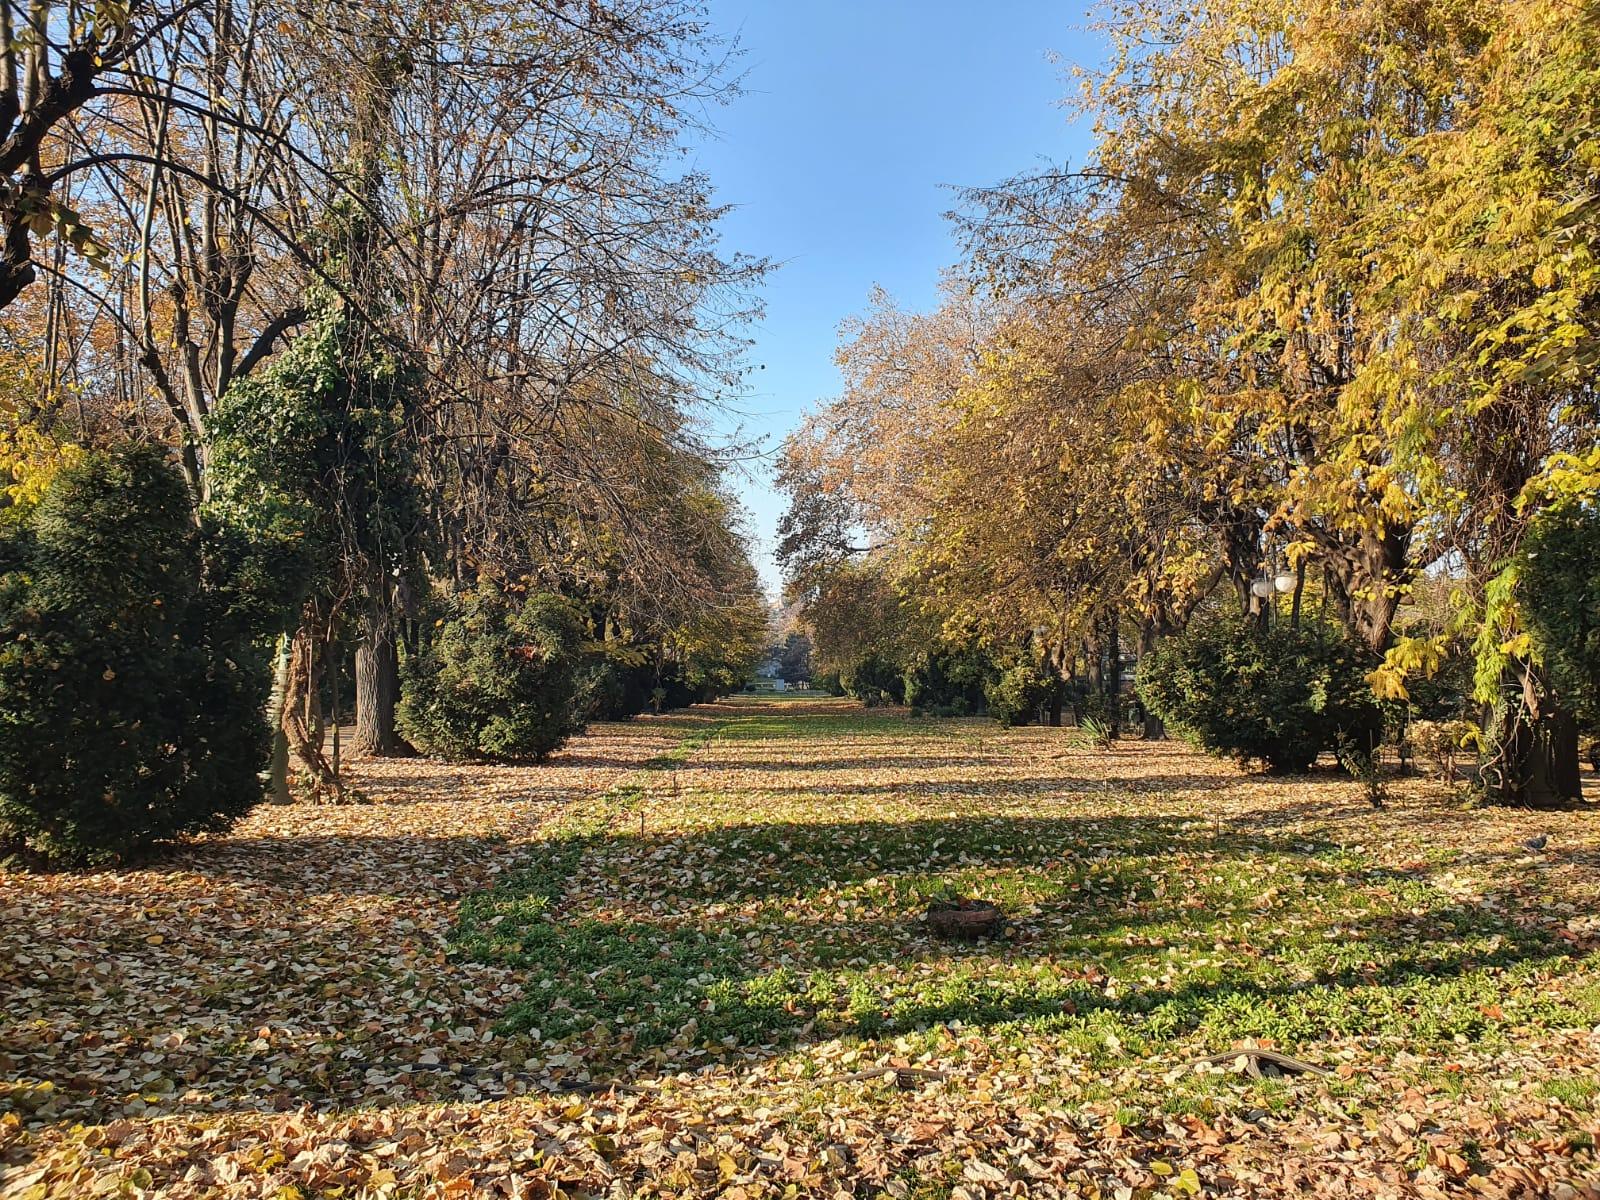 drum toamna in Parcul Cismigiu plancat de copaci